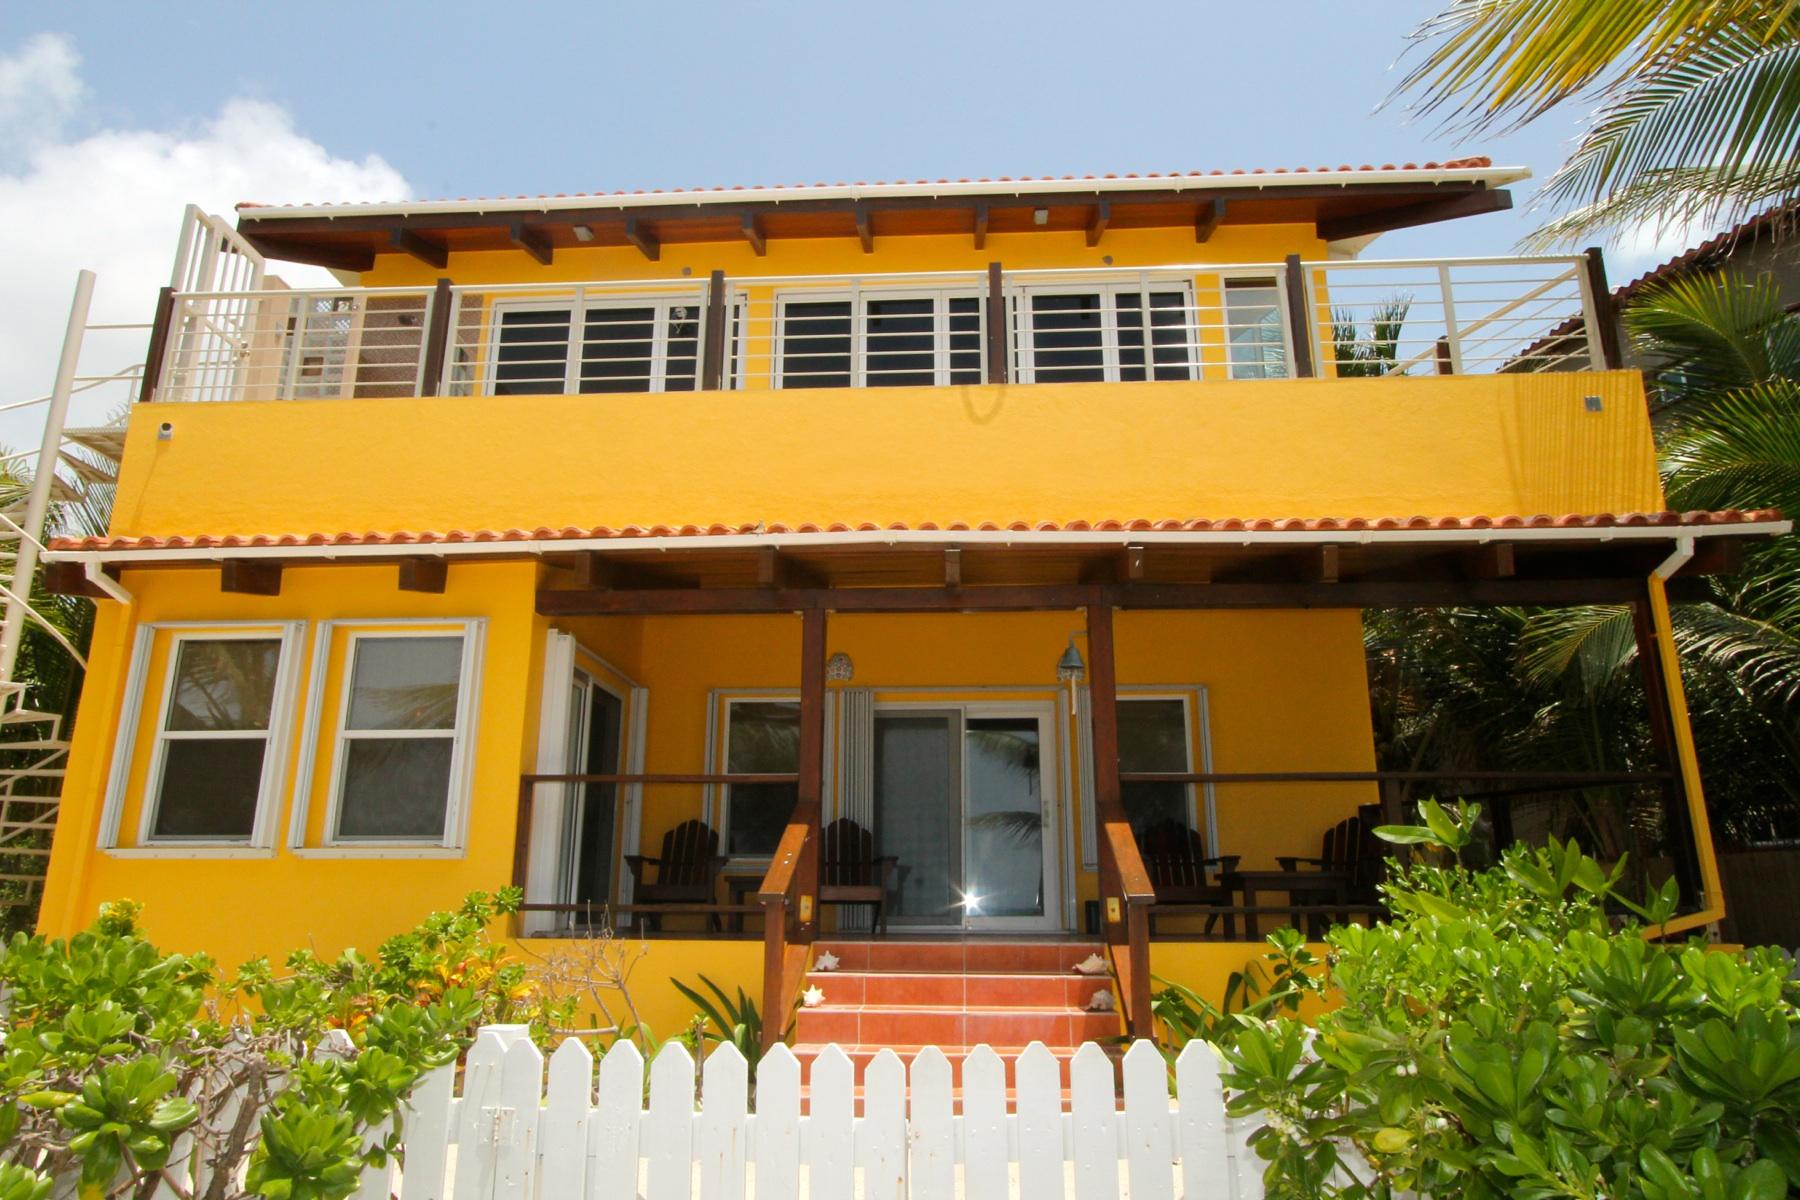 Casa Unifamiliar por un Alquiler en Casa Bonita San Pedro Town, Ambergris Caye, Belice